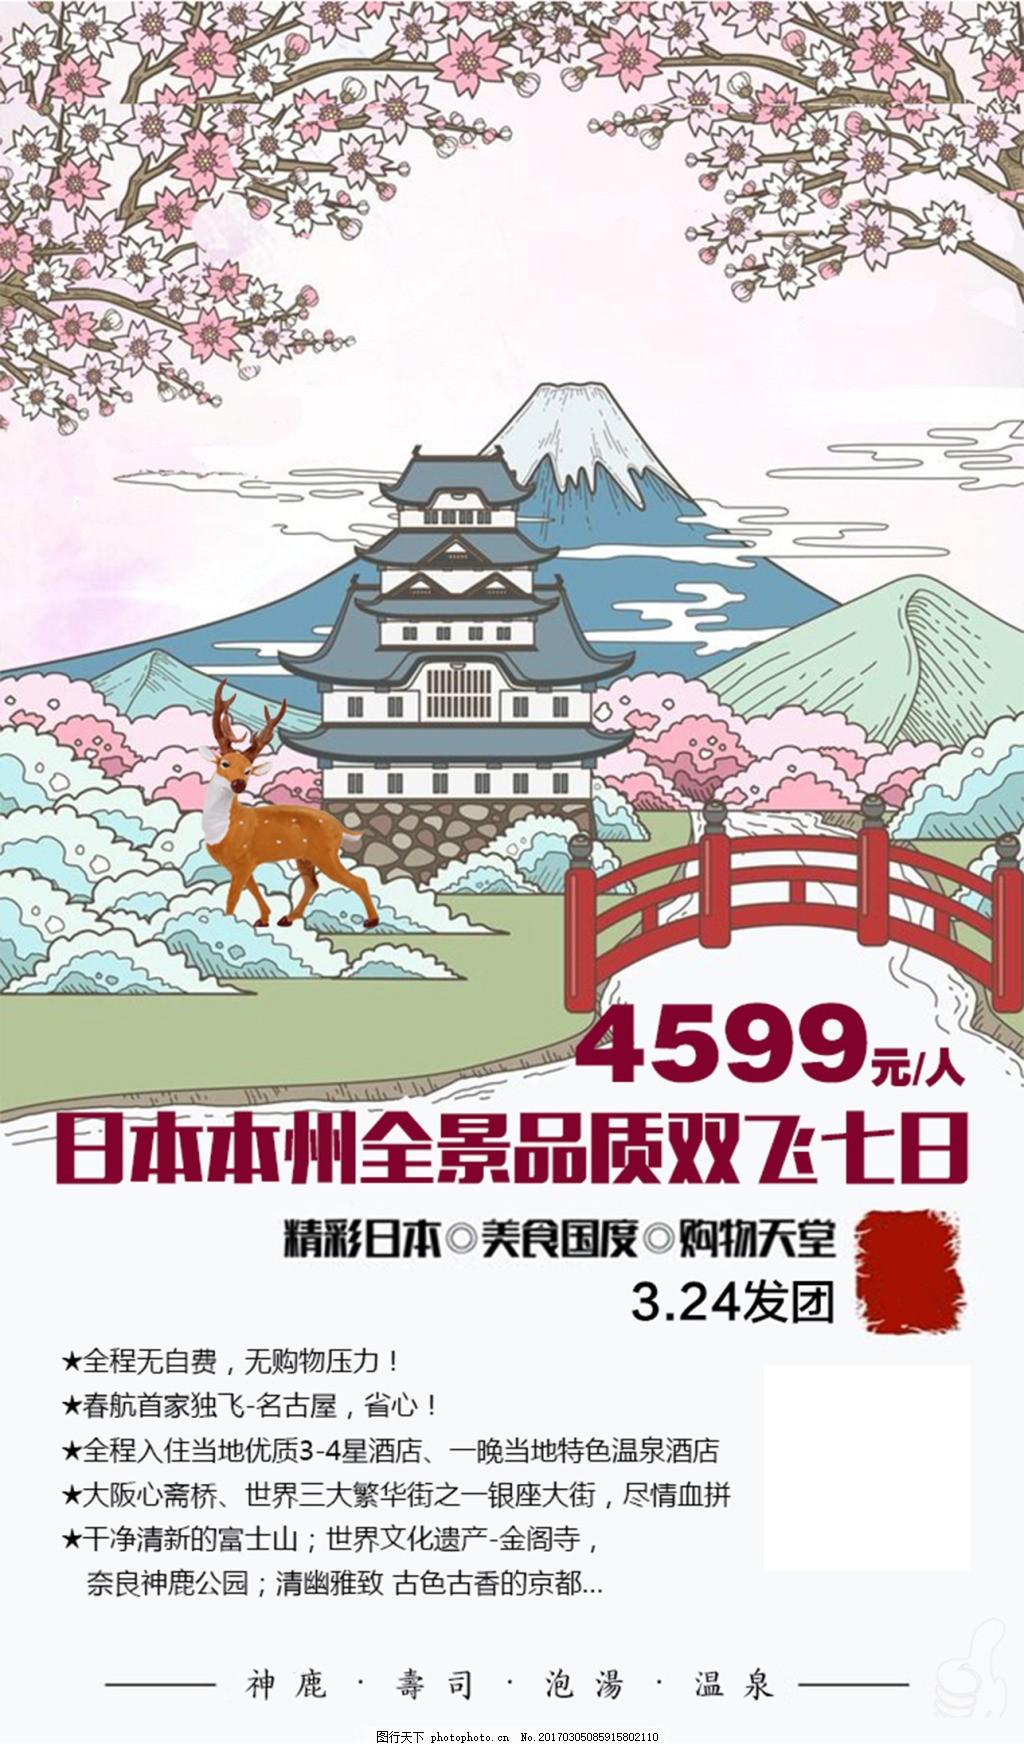 日本旅游海报 日本 旅游 奈良 富士山 手绘风 樱花